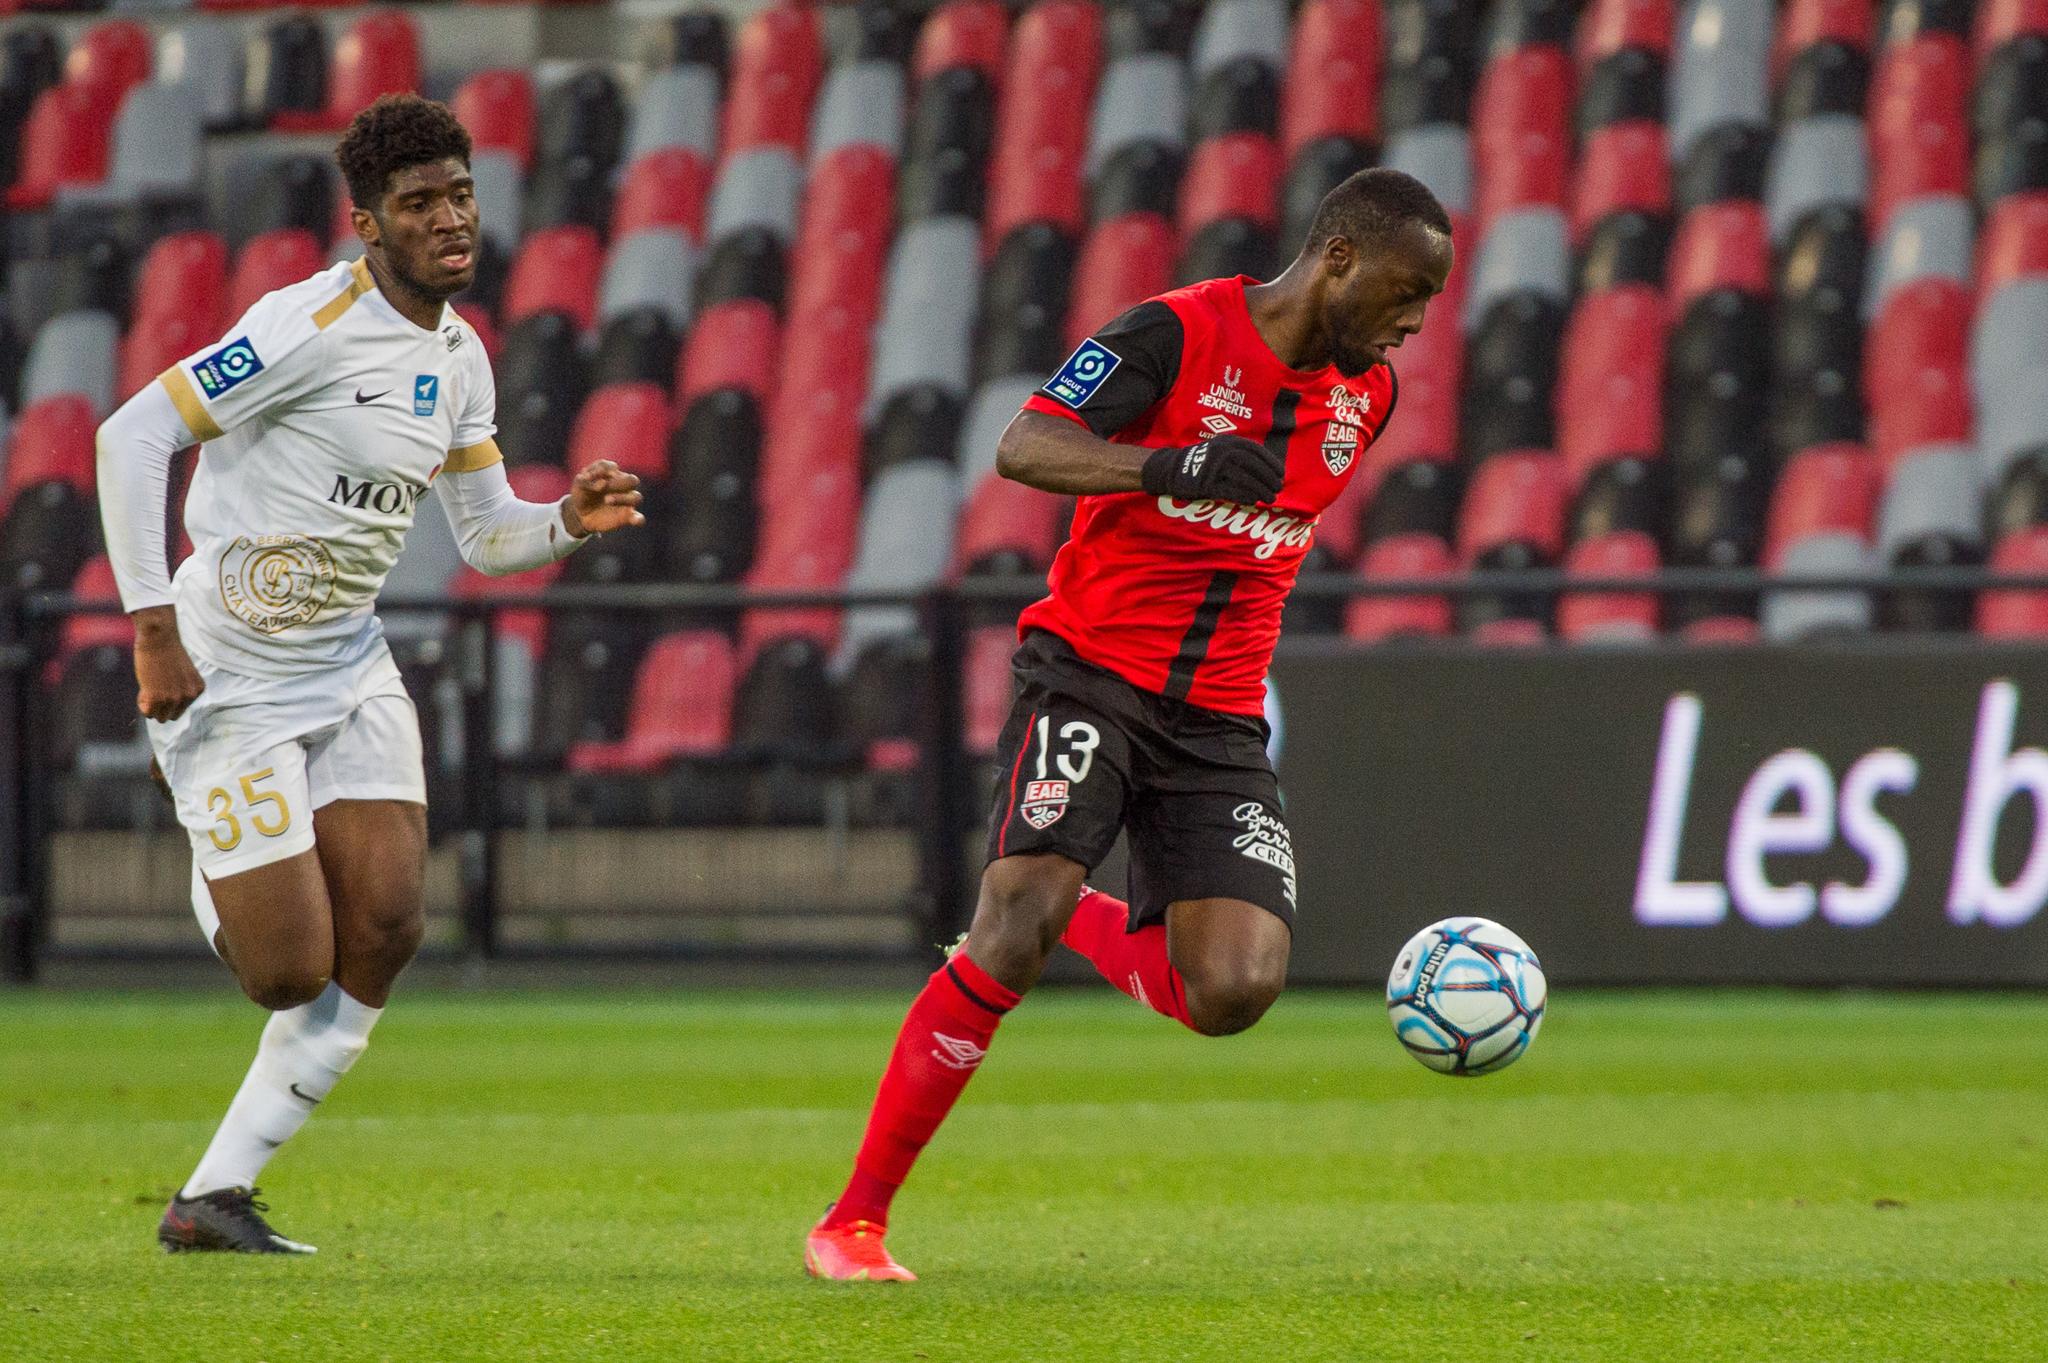 EA Guingamp La Berrichonne Châteauroux J37 Ligue 2 BKT EAGLBC 2-0 Stade de Roudourou FRA_5754